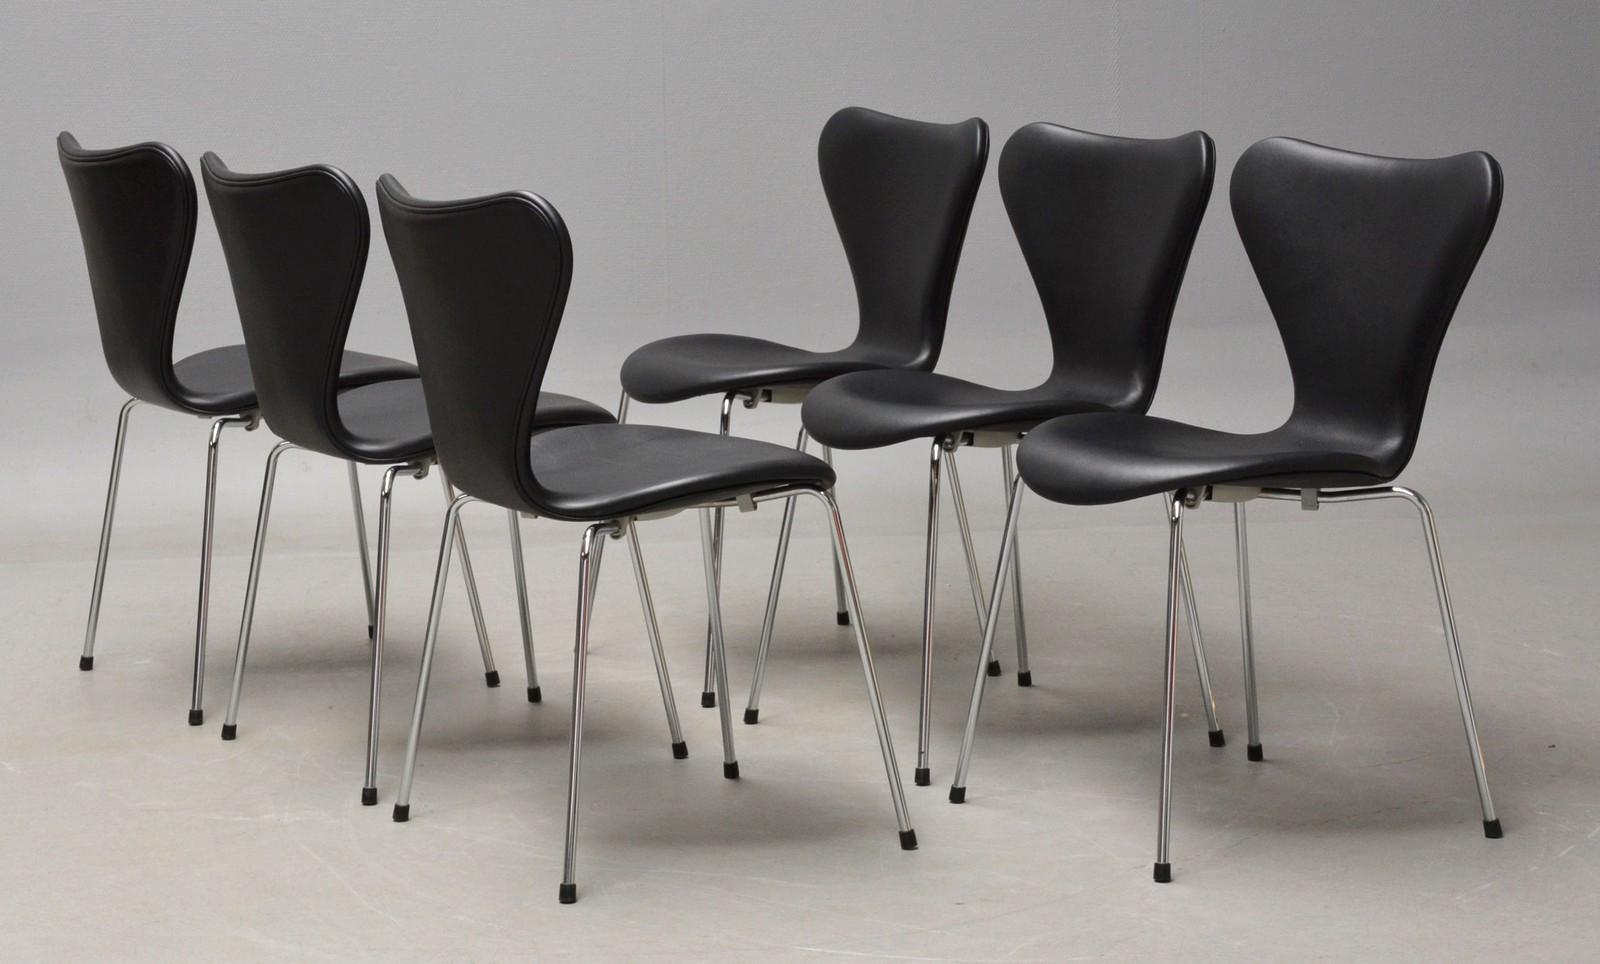 Arne Jacobsen. Sæt på seks stole i sort læder, model 3107. Ny siddehøjde 46,5 cm (6)